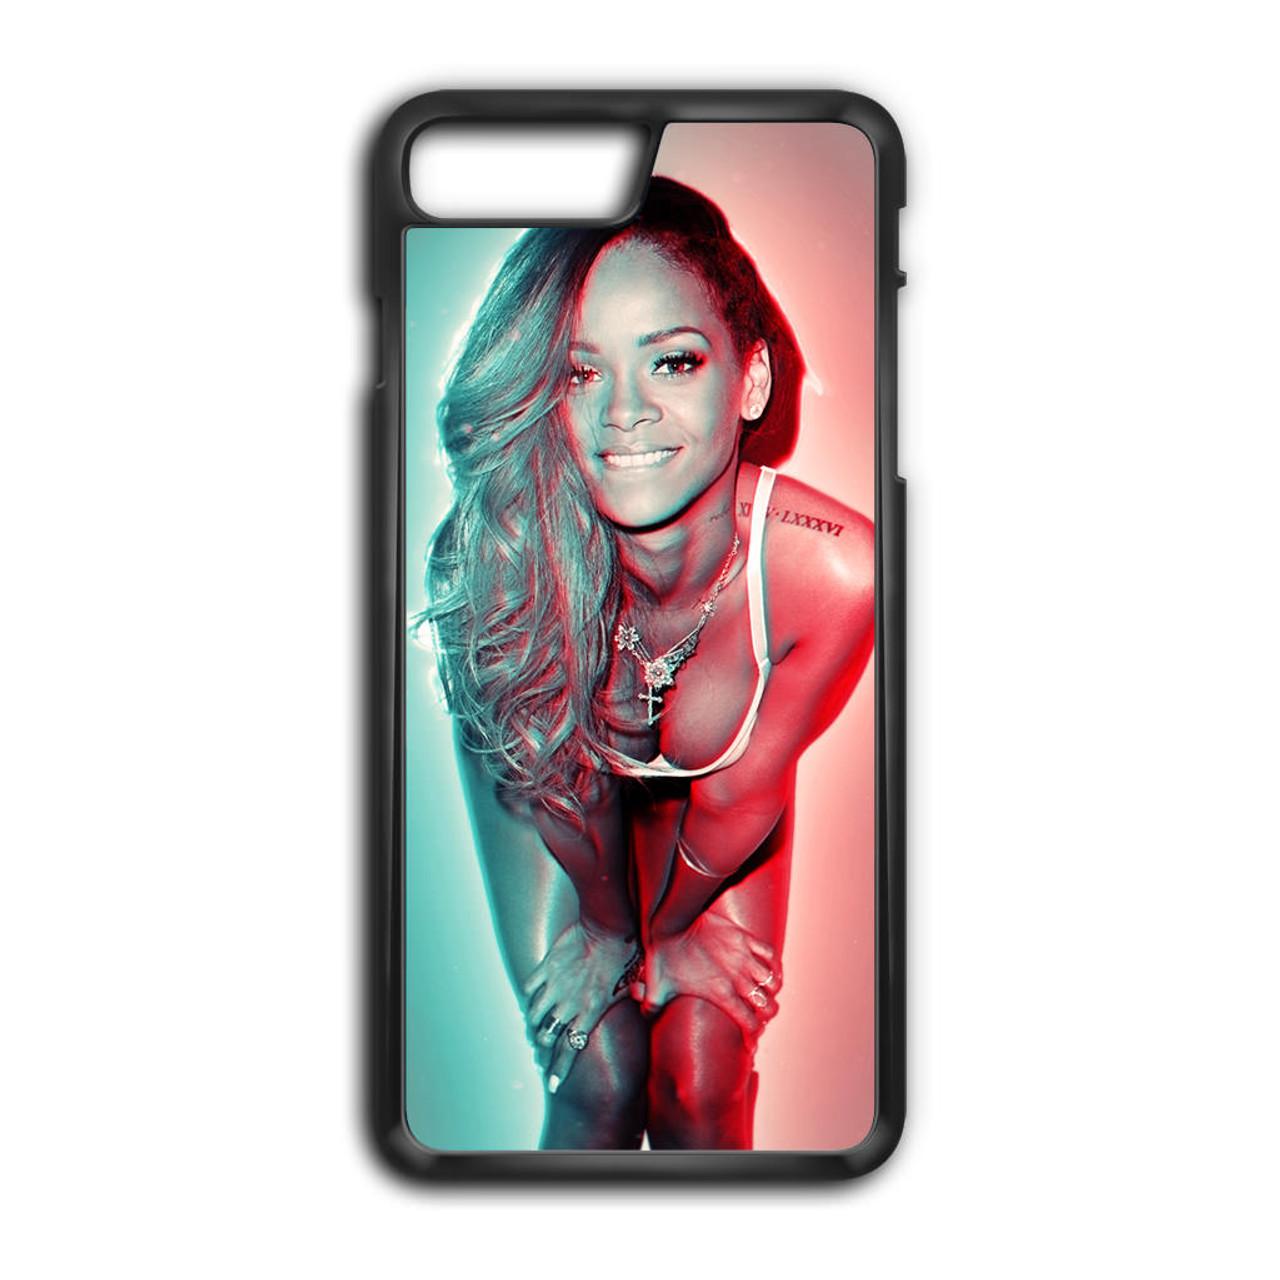 3d iphone 7 plus case